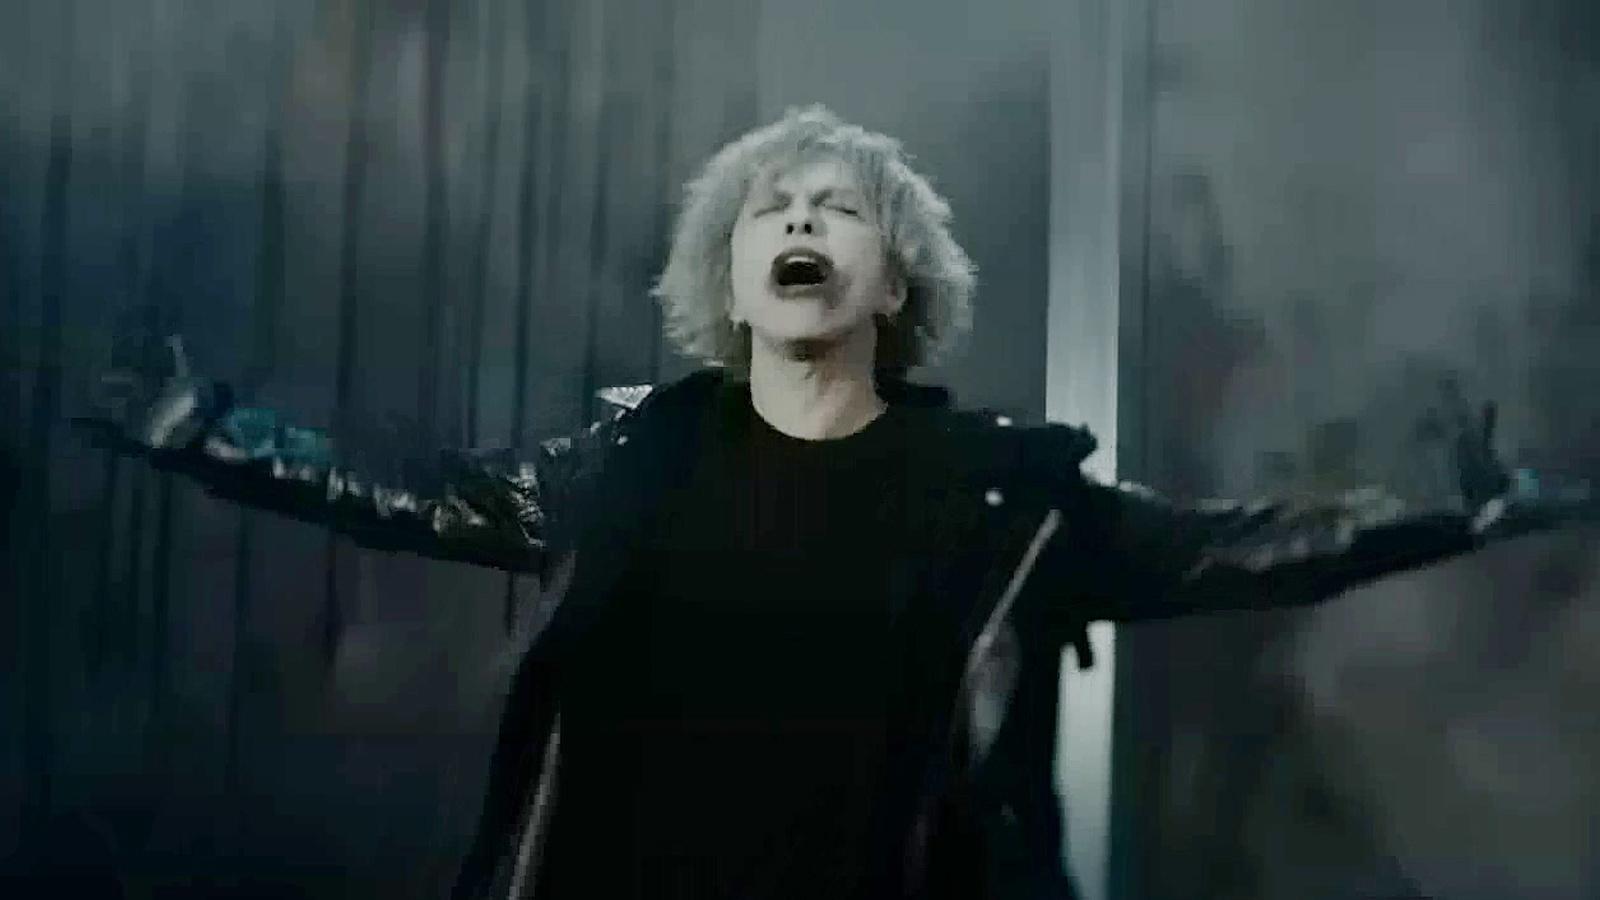 由日本人氣歌手HYDE拍攝的這段《鬼泣5》的宣傳片,完全可以當做MV來看了